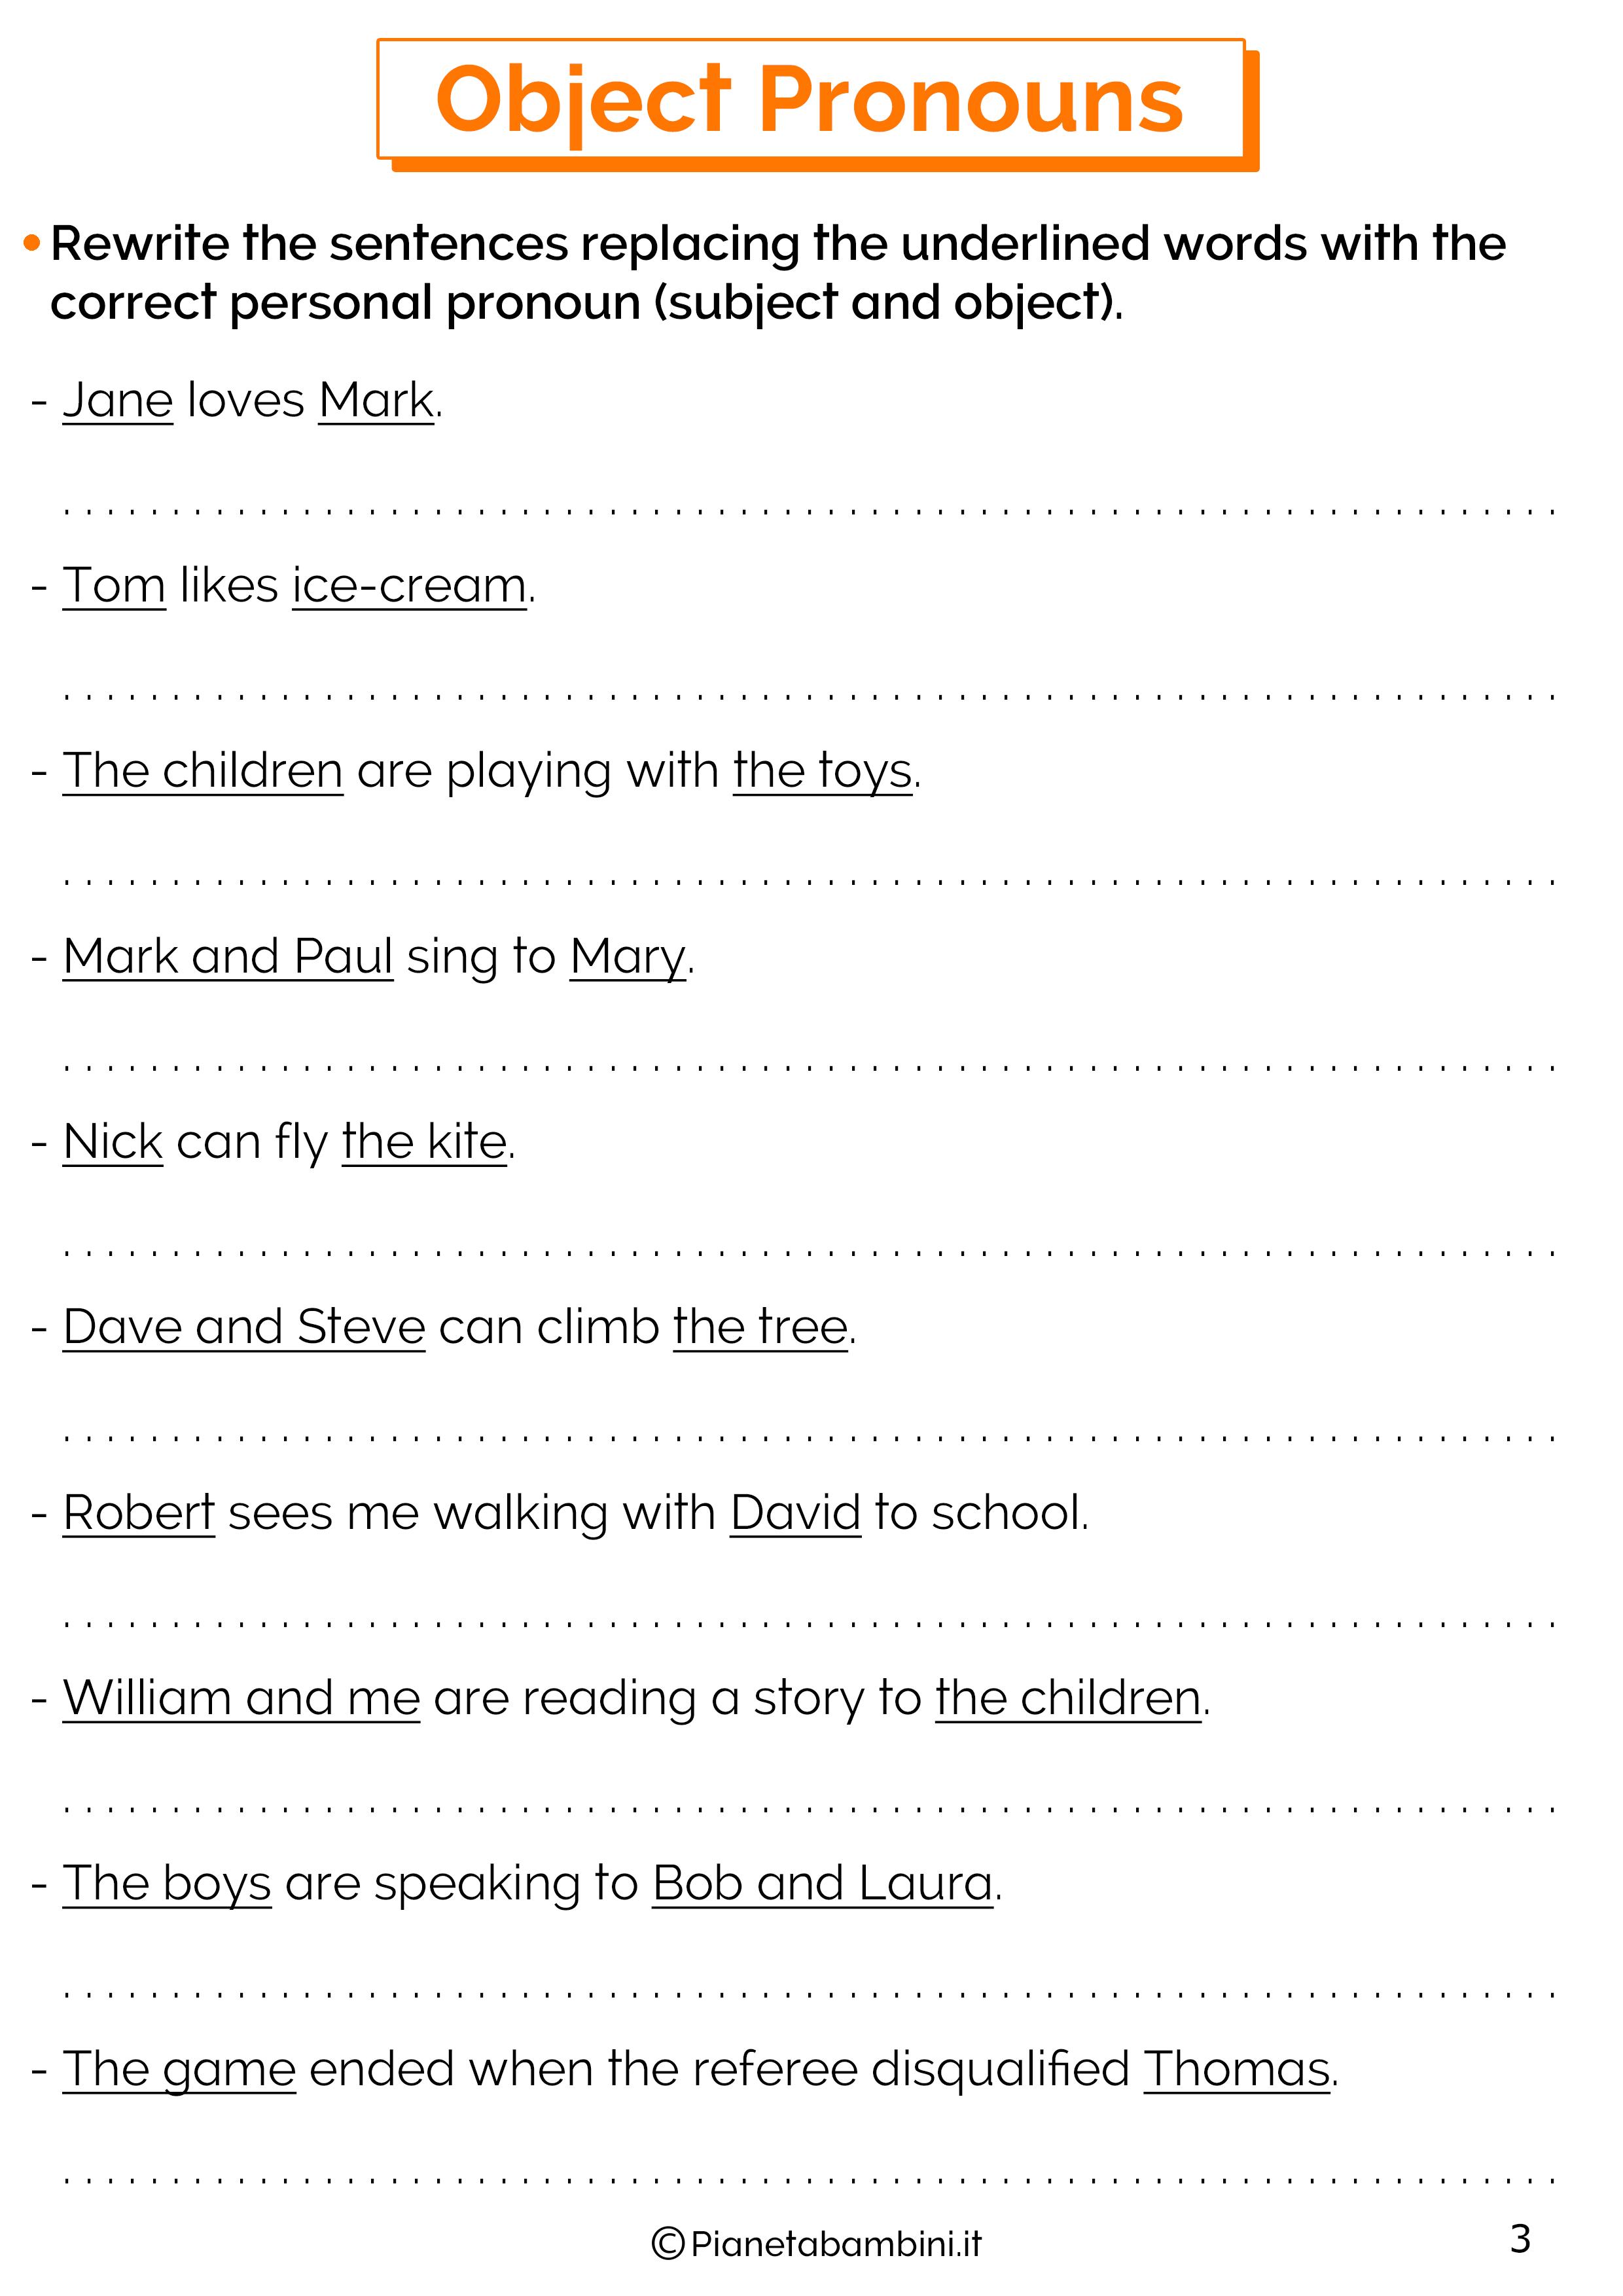 Esercizi sui pronomi oggetto in inglese 3